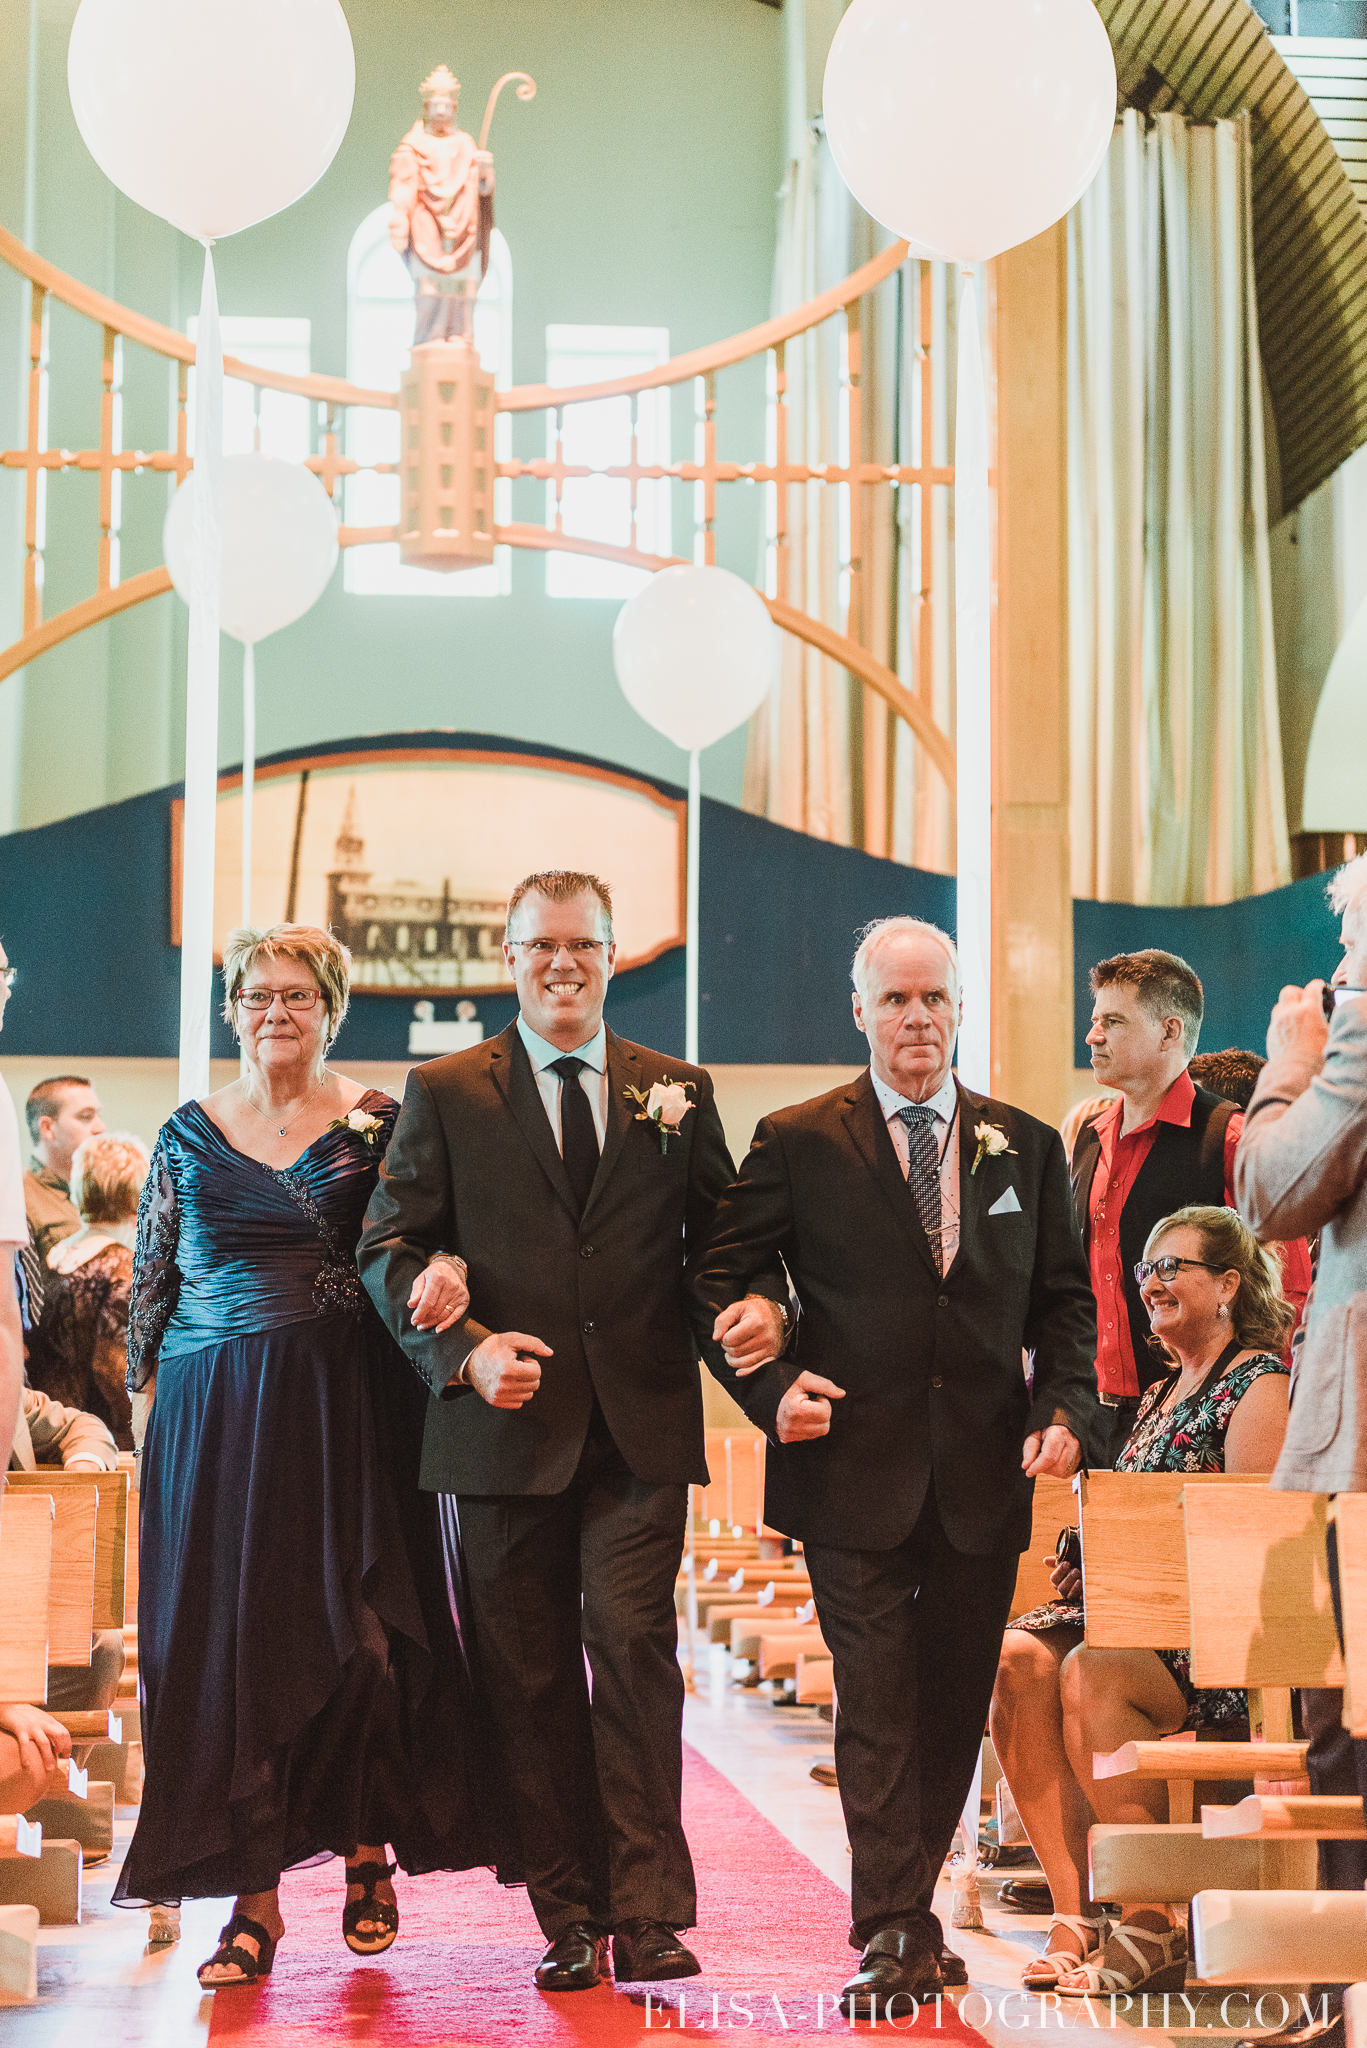 photo mariage ceremonie eglise st emile famille enfants ballons 7630 - Mariage à la plage de la baie de Beauport